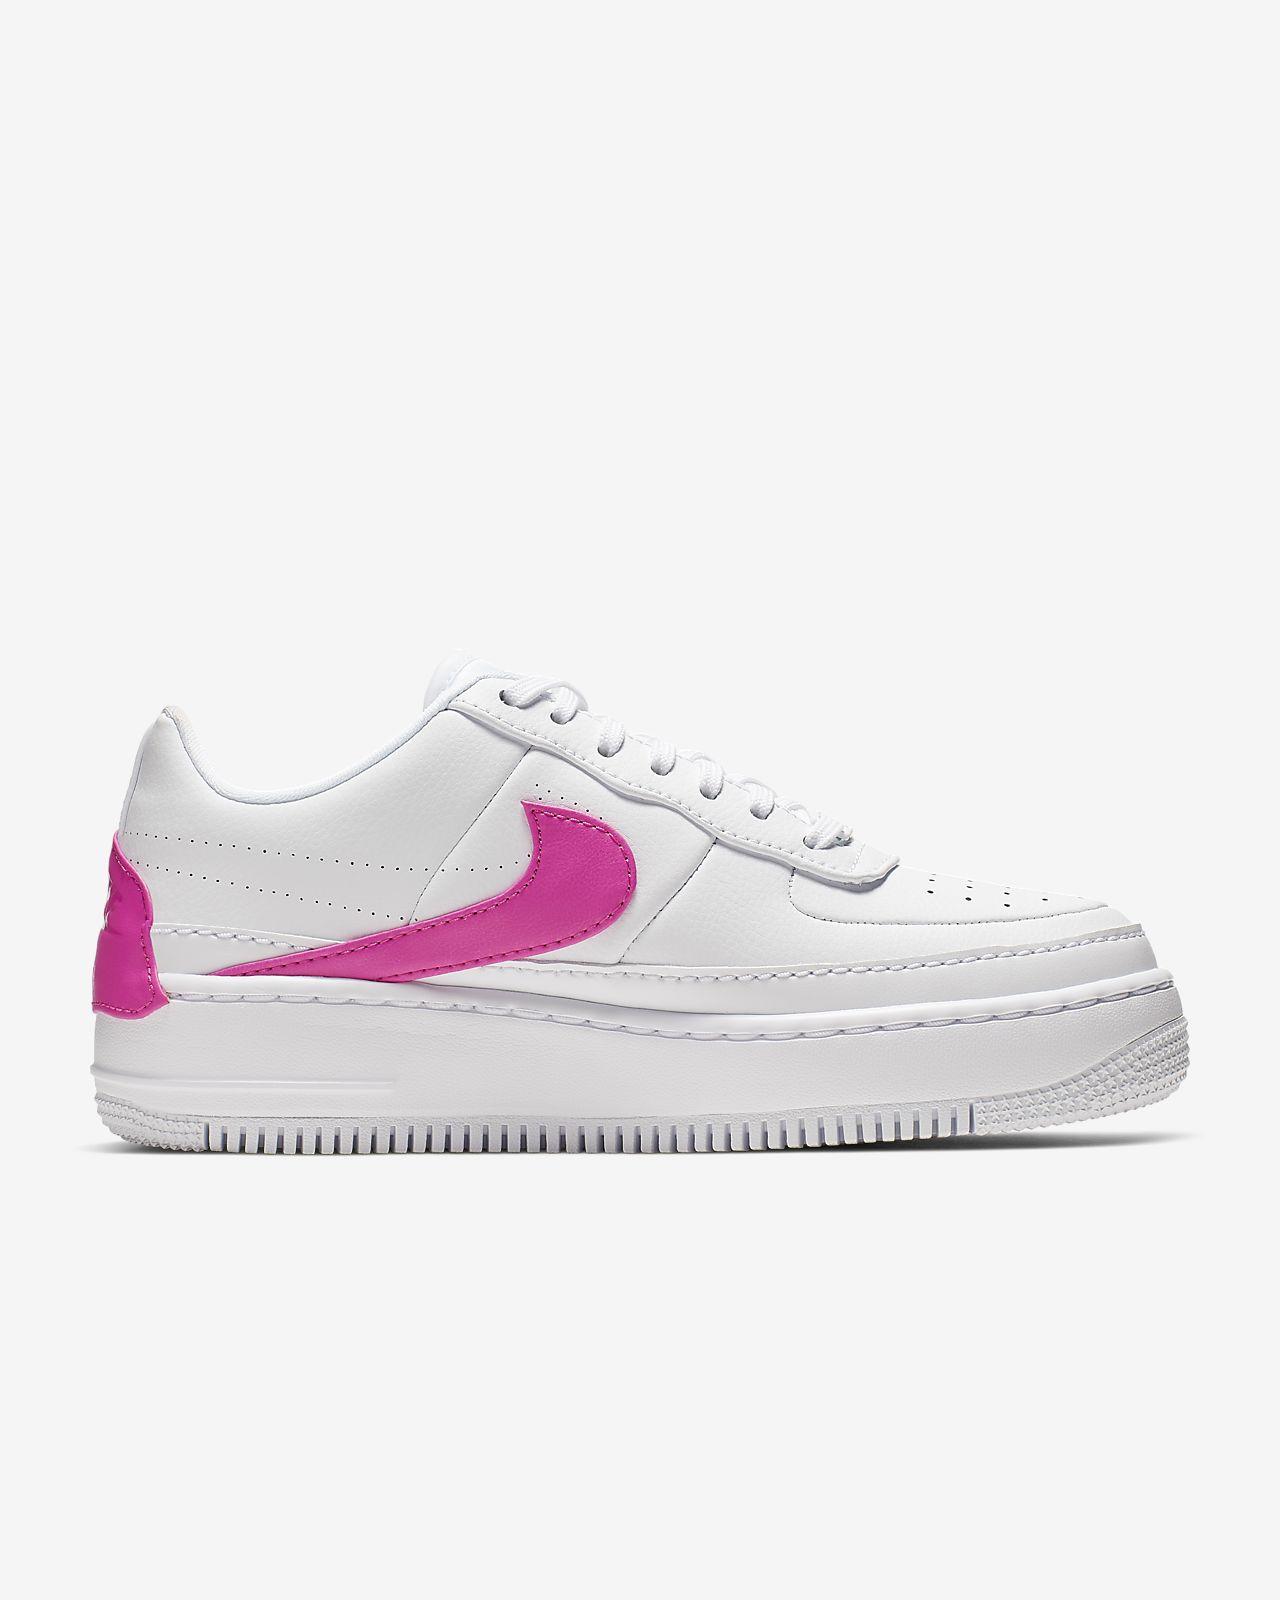 promo code aad5d 9a8eb ... Sko Nike Air Force 1 Jester XX